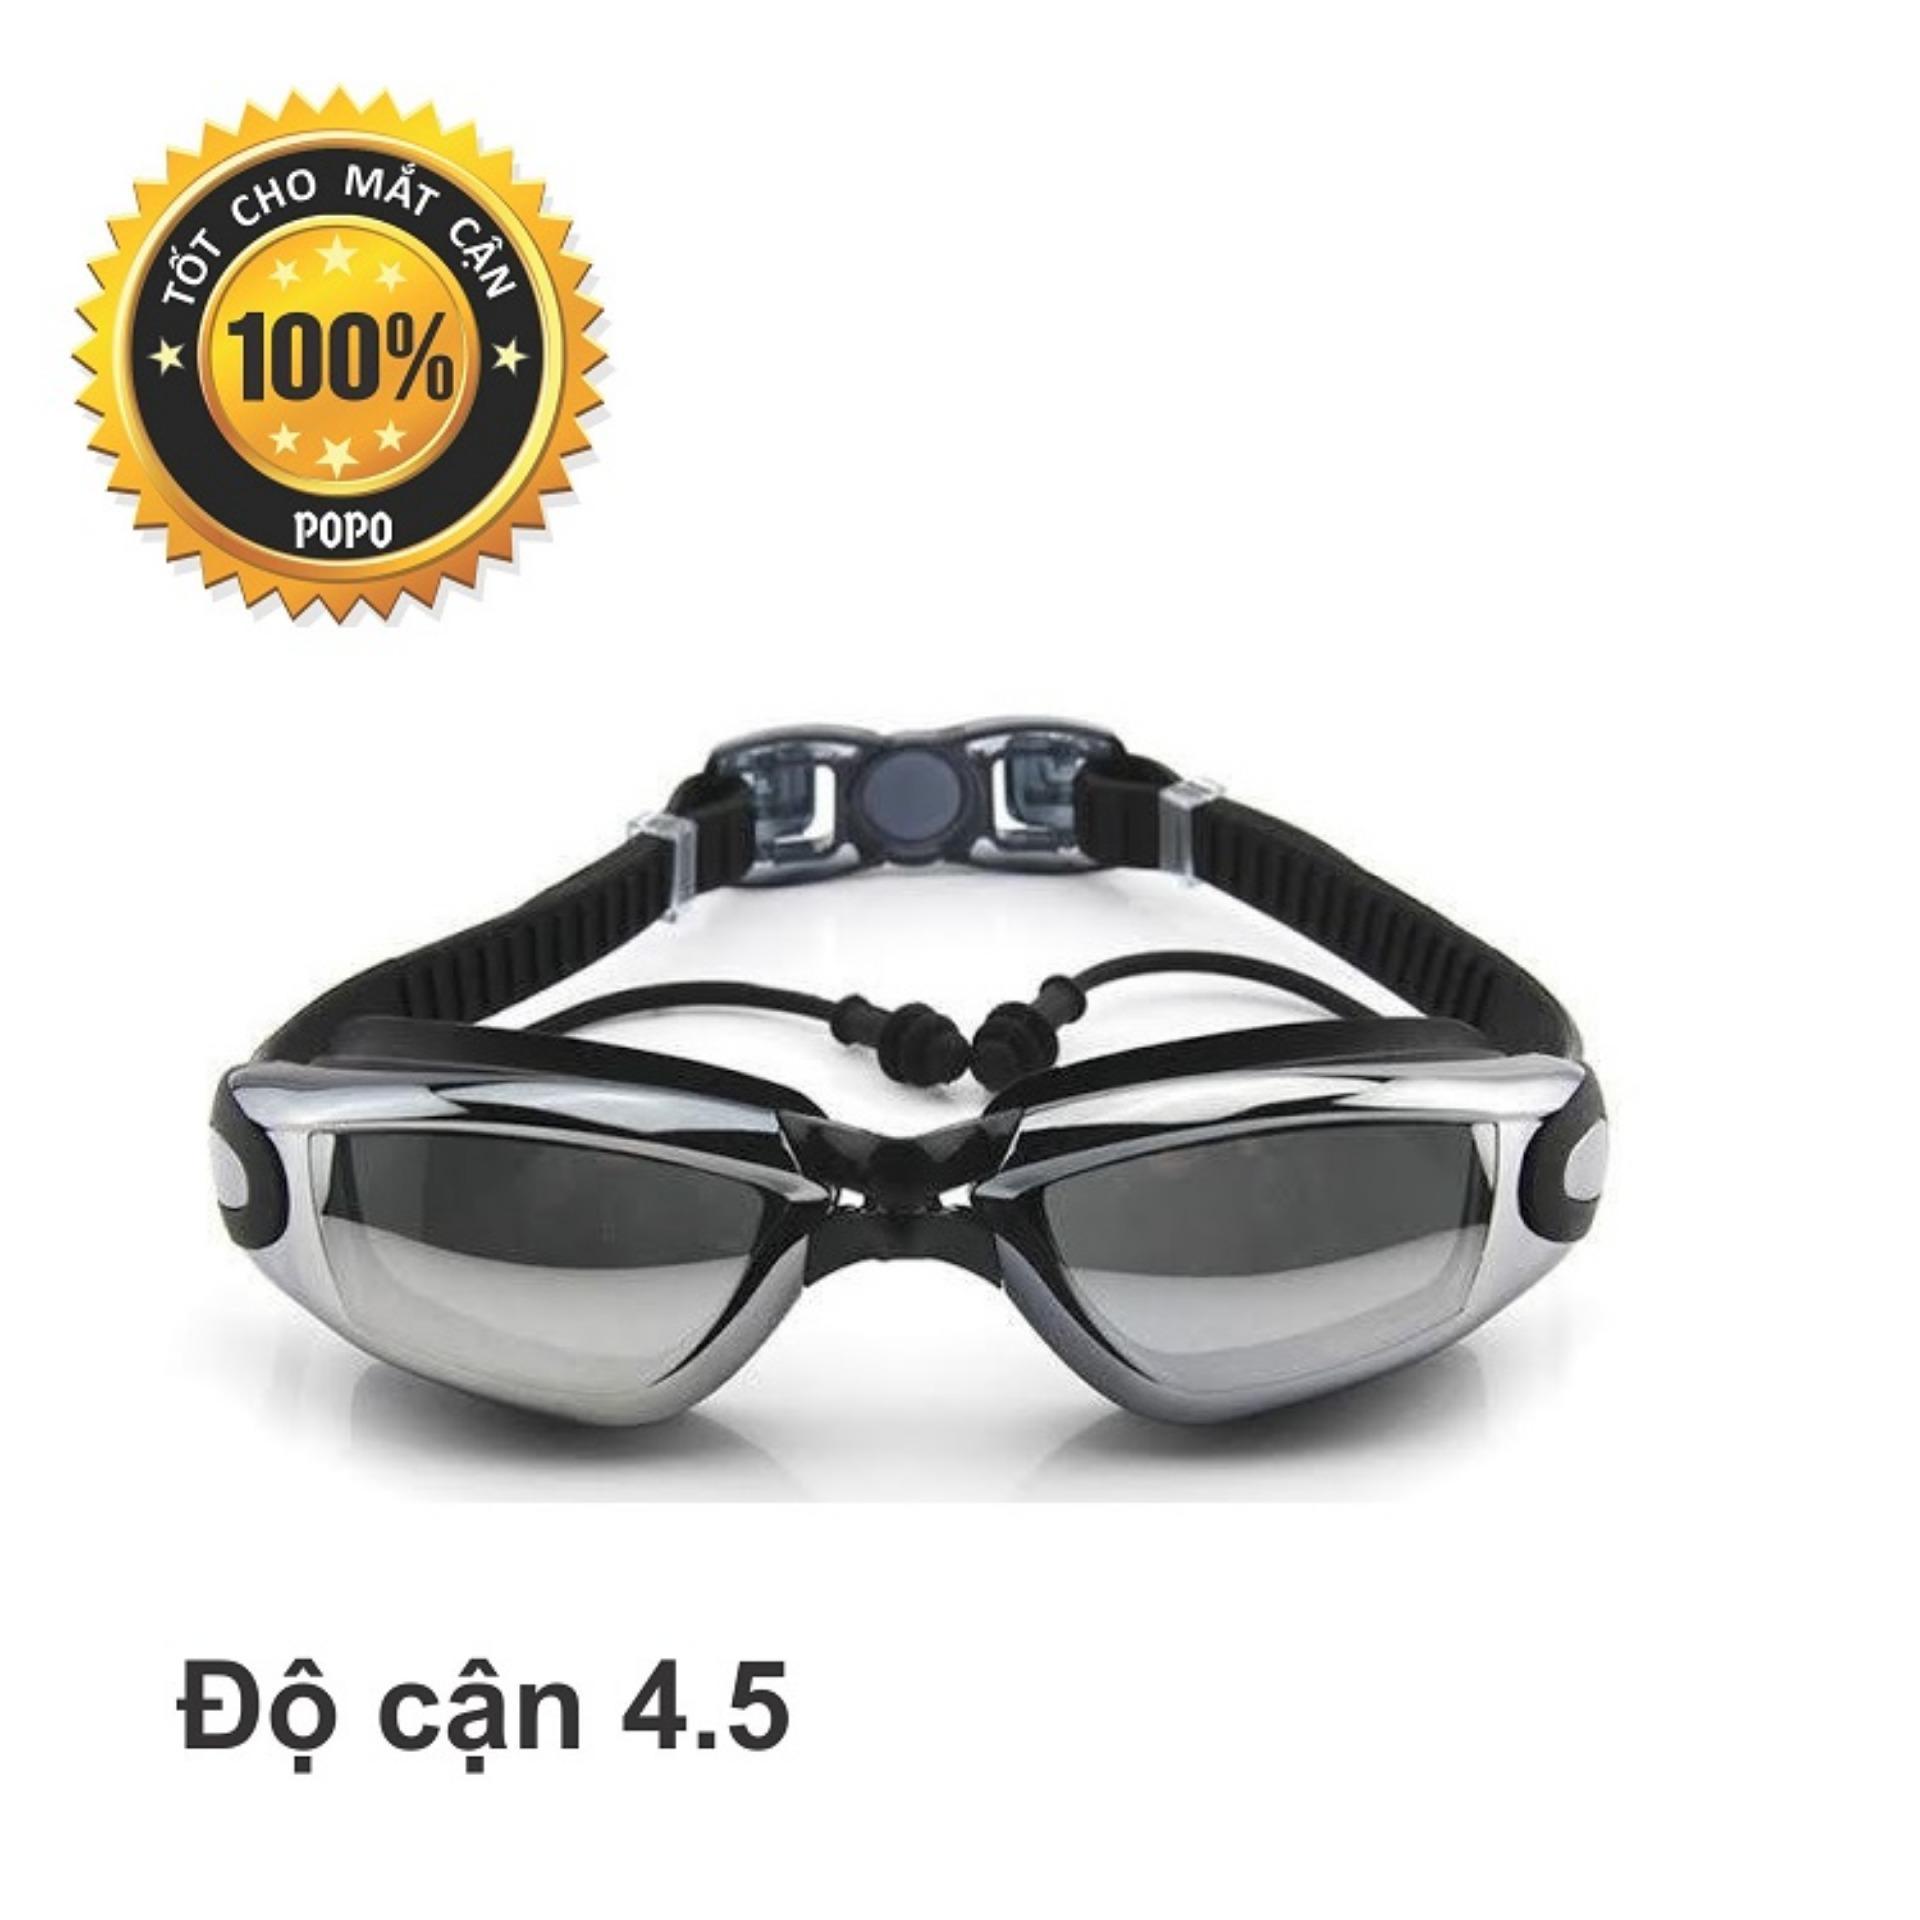 Kính bơi cận 1940 Đen có gắn nút bịt tai ngăn nước độ cận từ 1.5 độ đến 8.0 độ; mắt kính chống tia UV, kiểu dáng thời trang